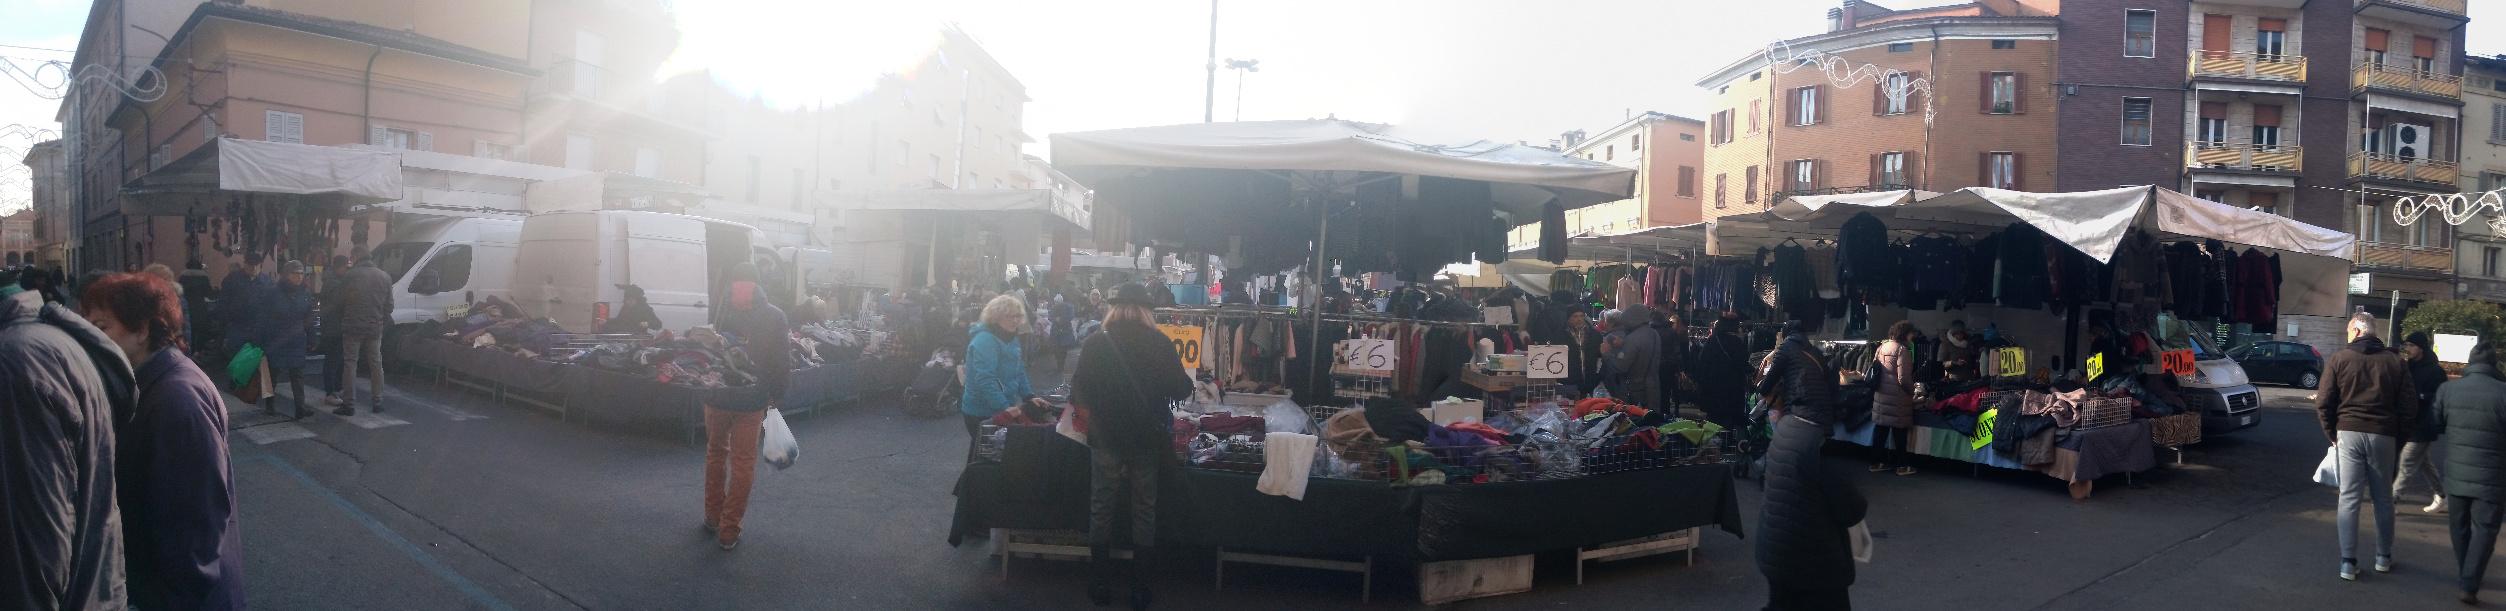 Markt und Eisbahn in Sassuolo